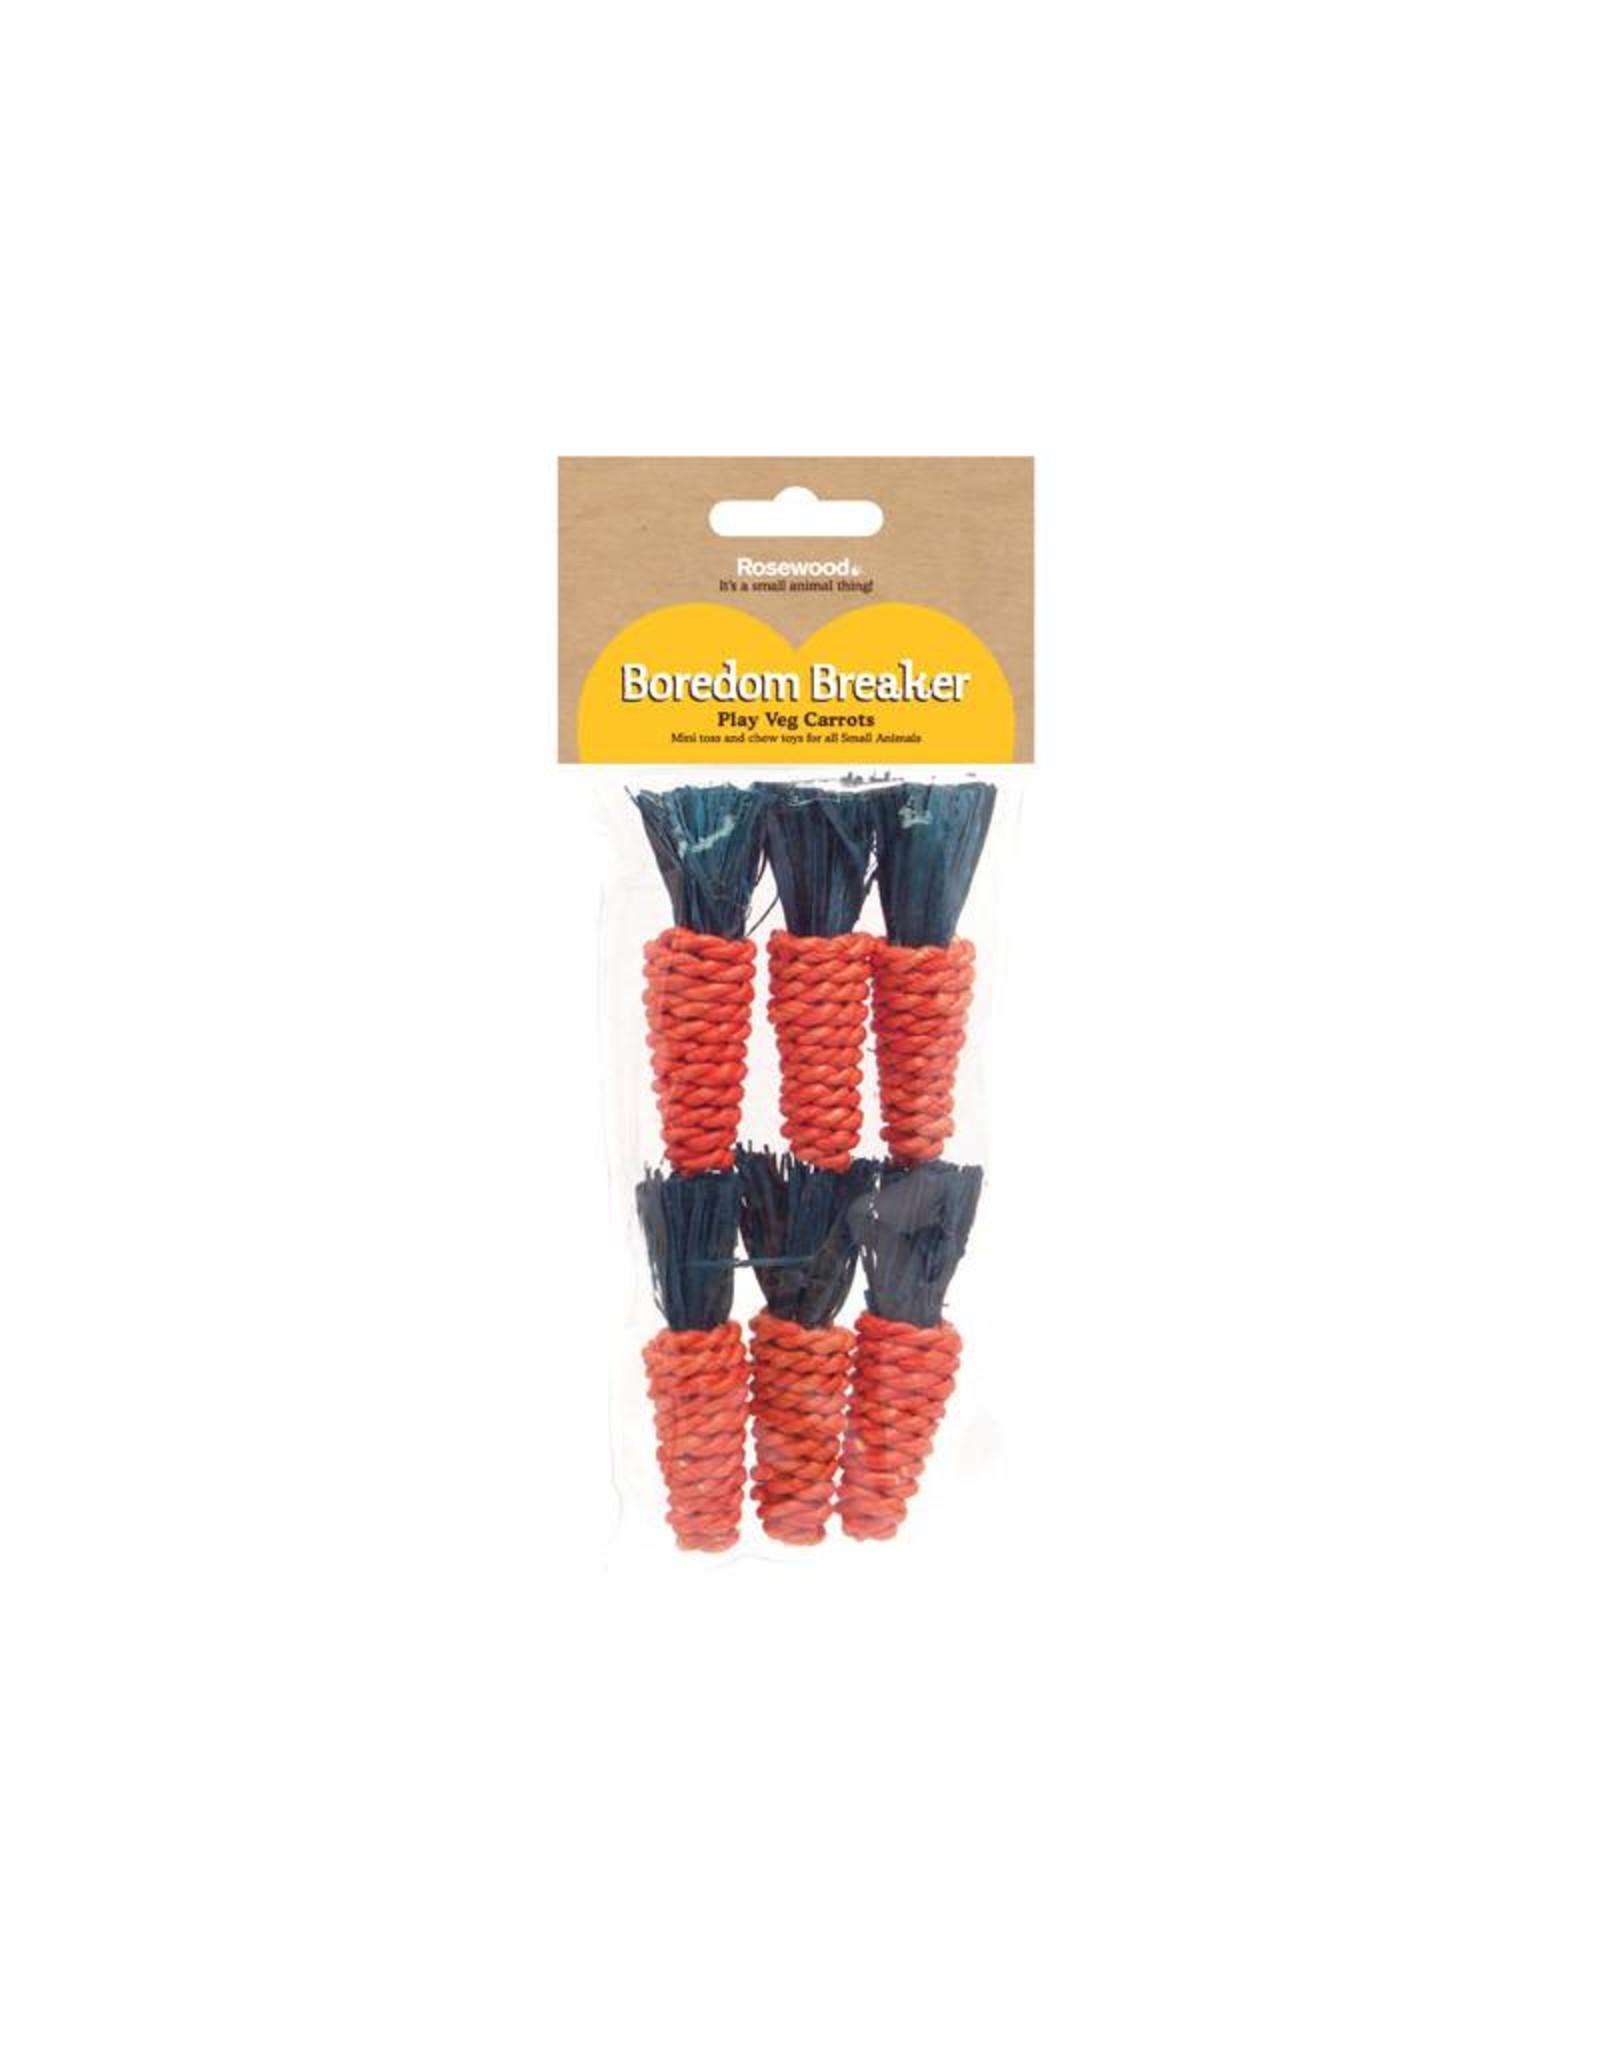 Rosewood Boredom Breaker Corn Wood & Sisal Small Animal Mini Play Veg Carrots, 6 pack